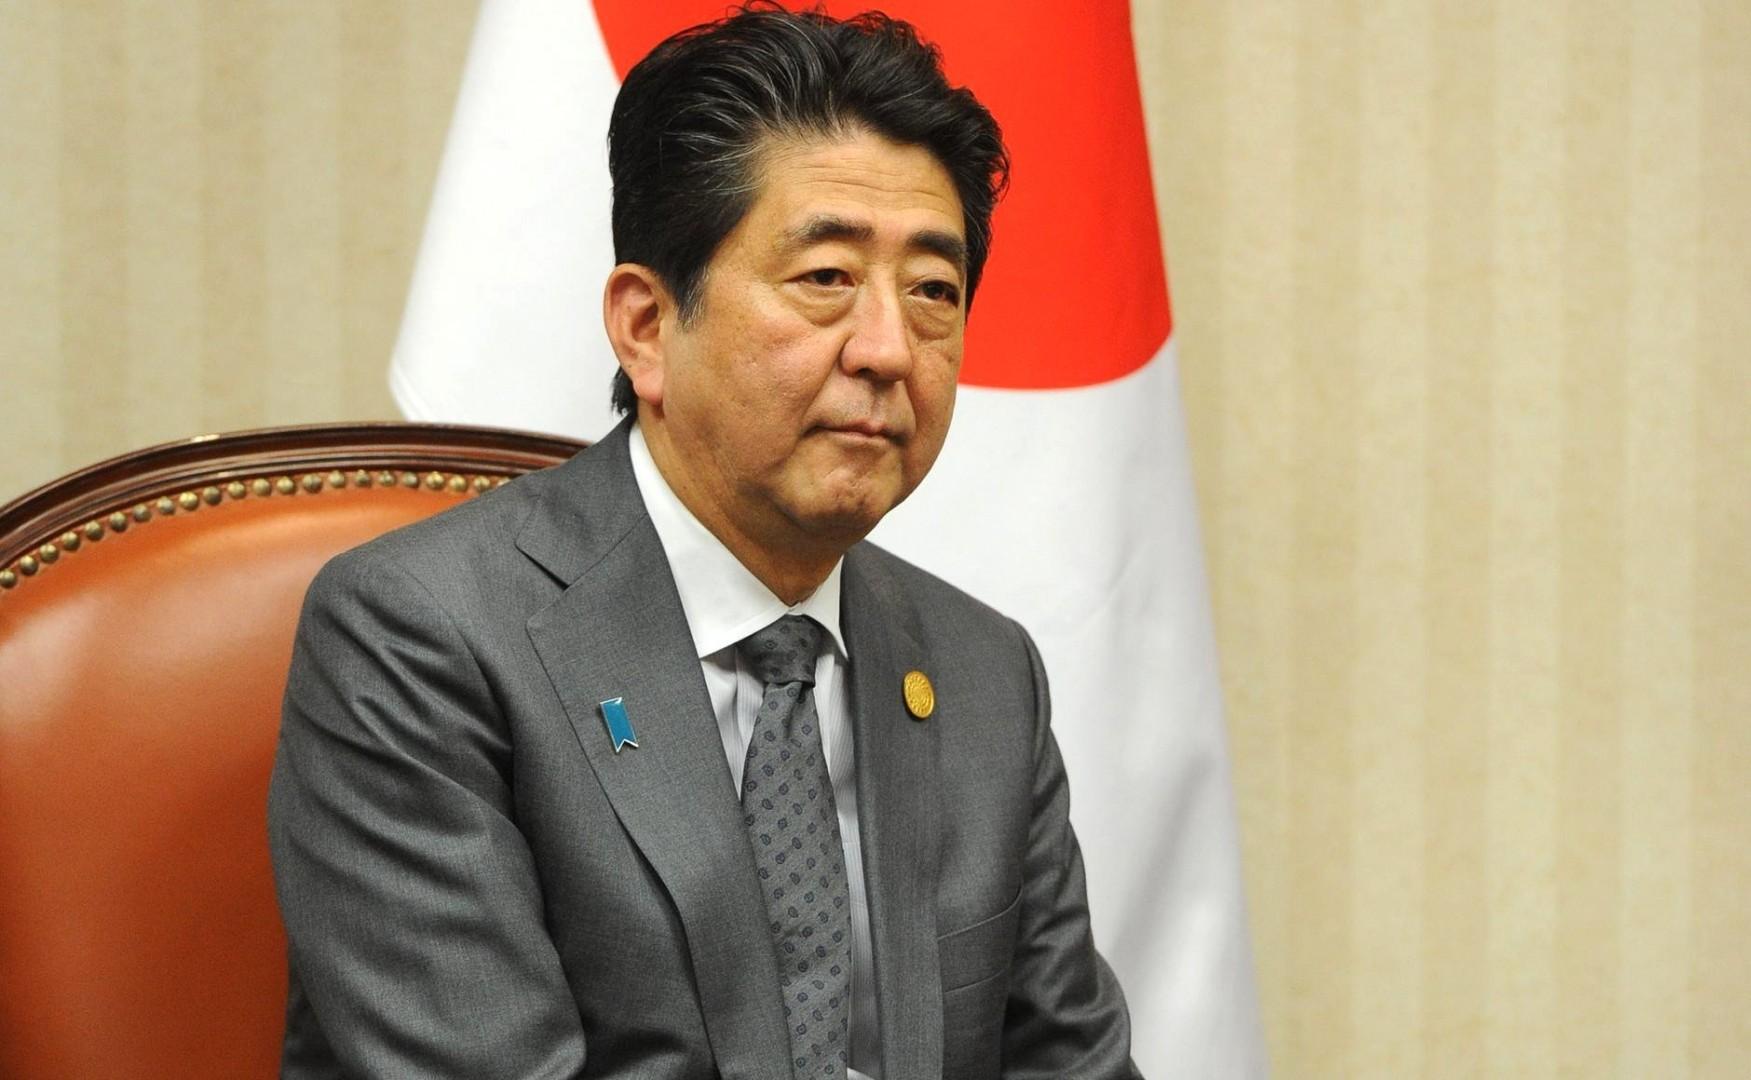 Синдзо Абэ: Япония начнет строительство «новой страны»